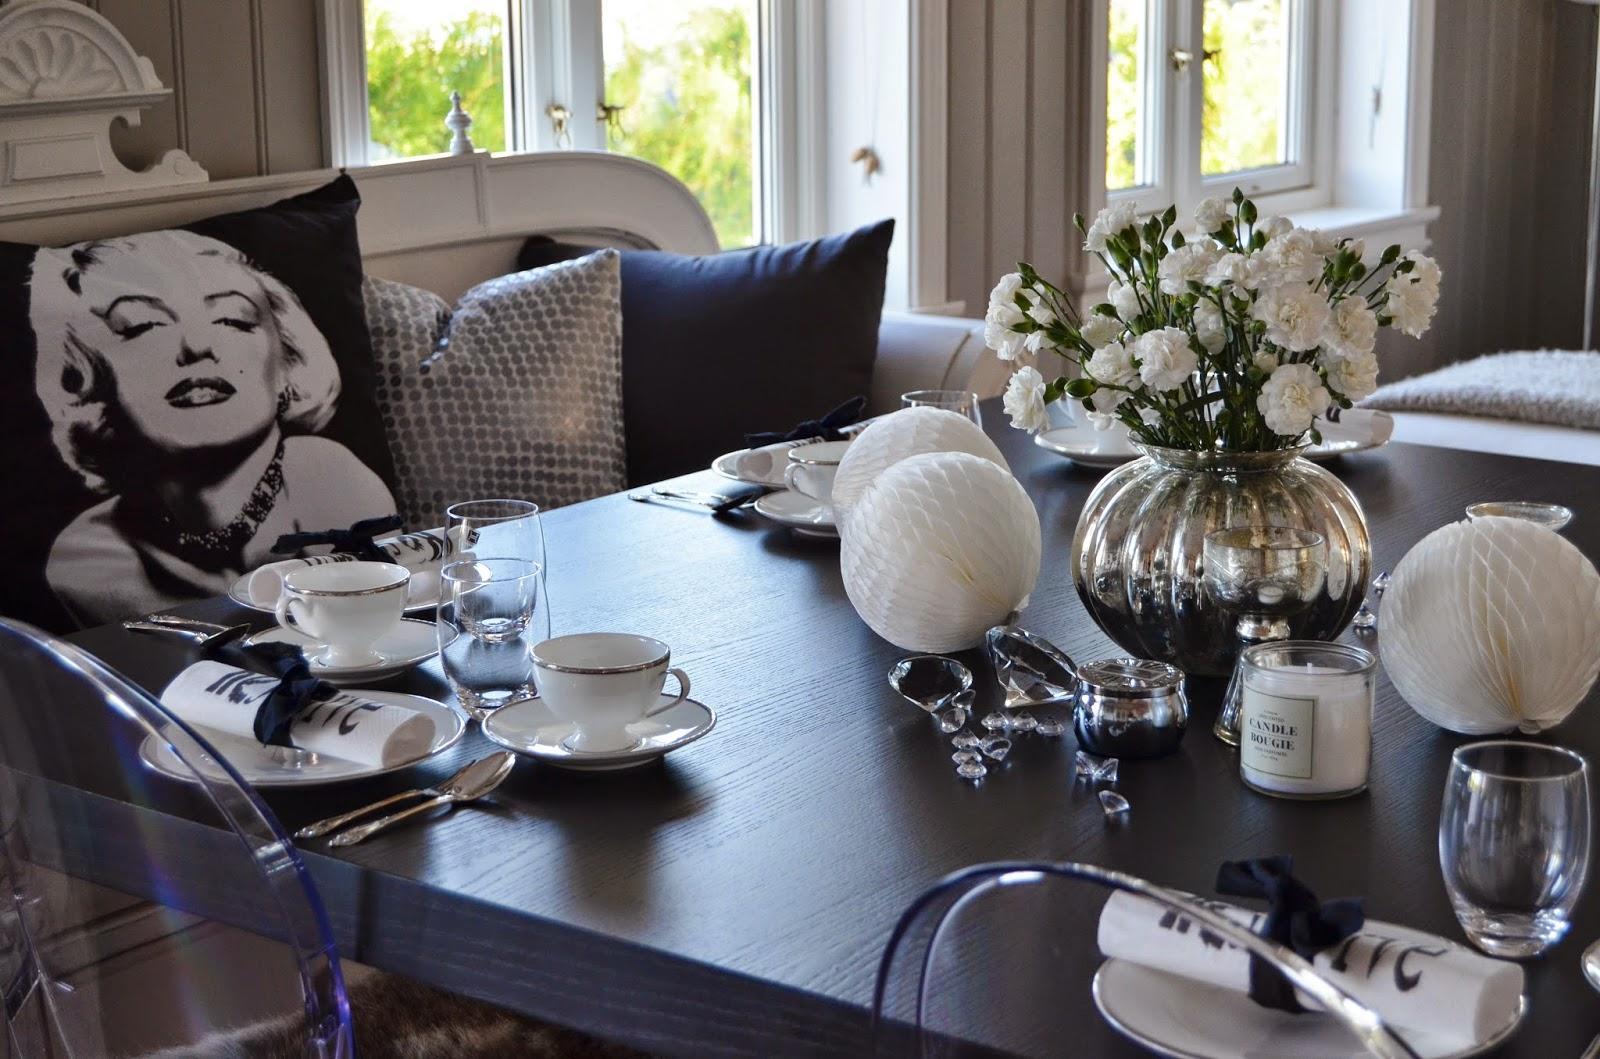 Romantika v interiéri spríjemní domov... - Obrázok č. 2